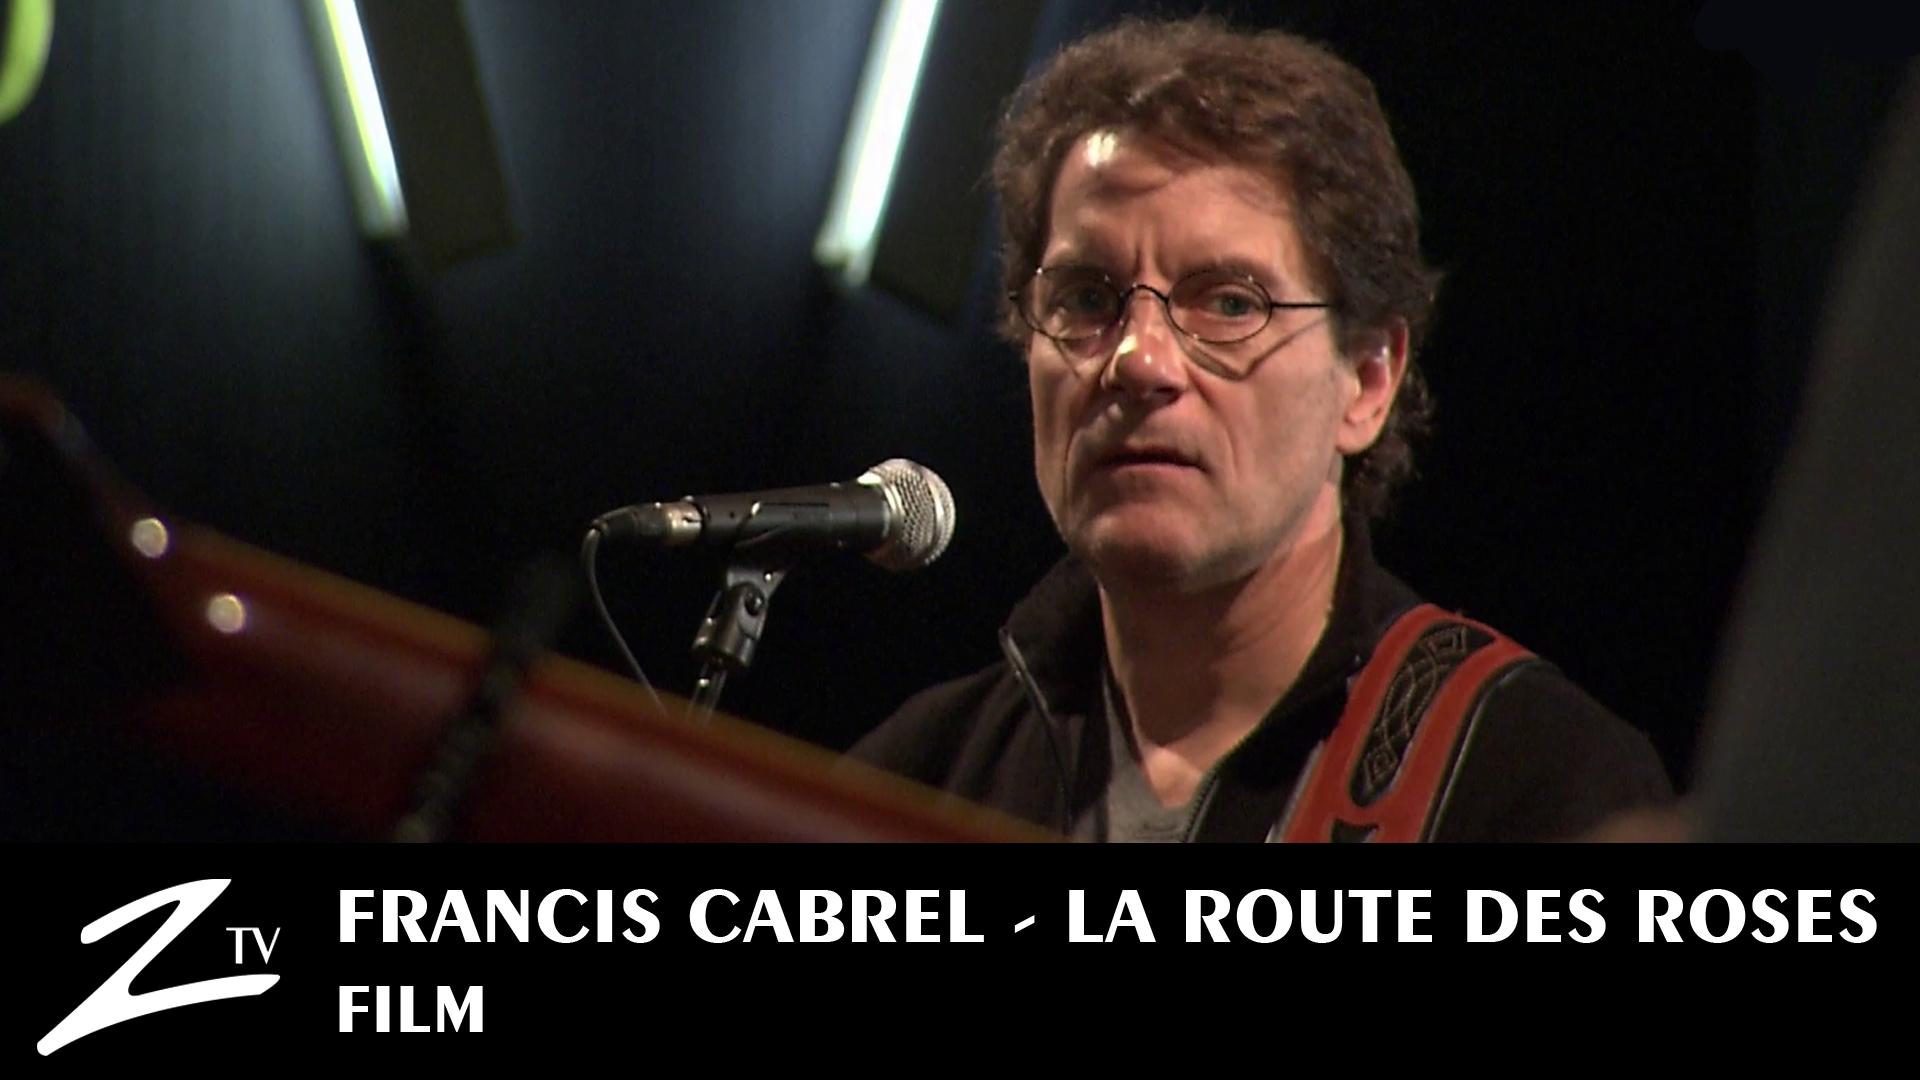 francis cabrel youtube